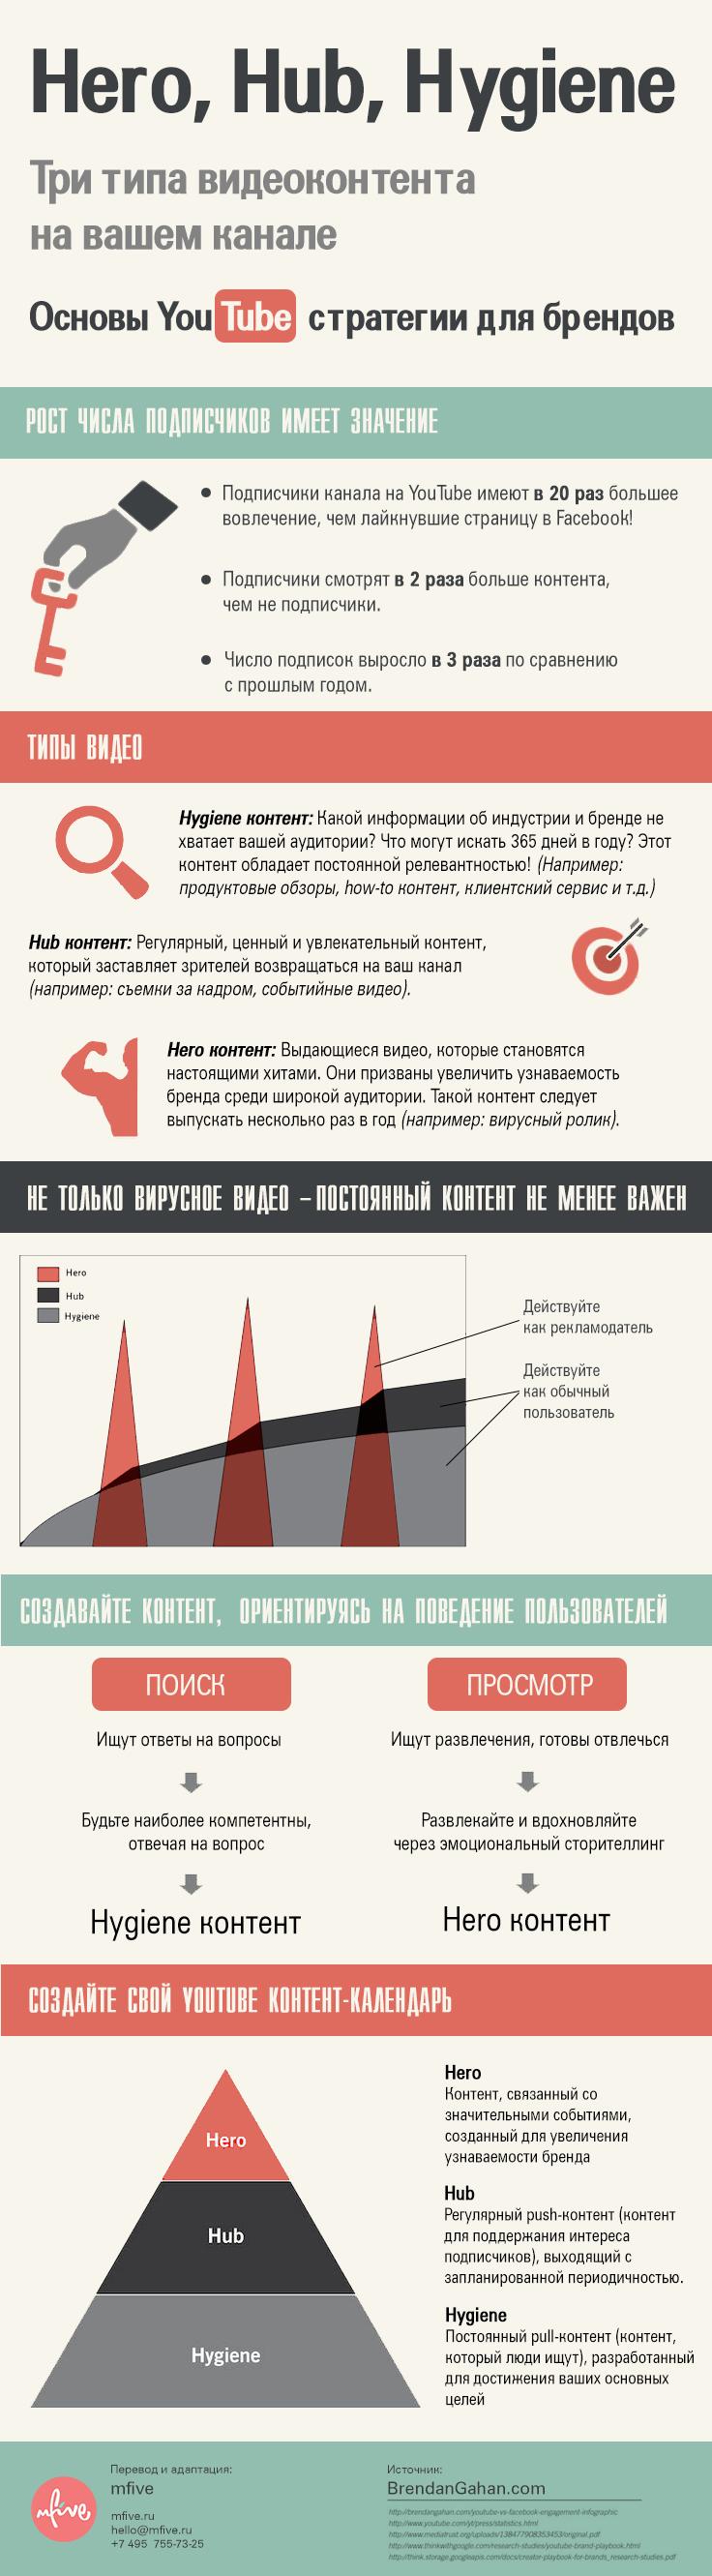 Основы YouTube стратегии для брендов | mfive